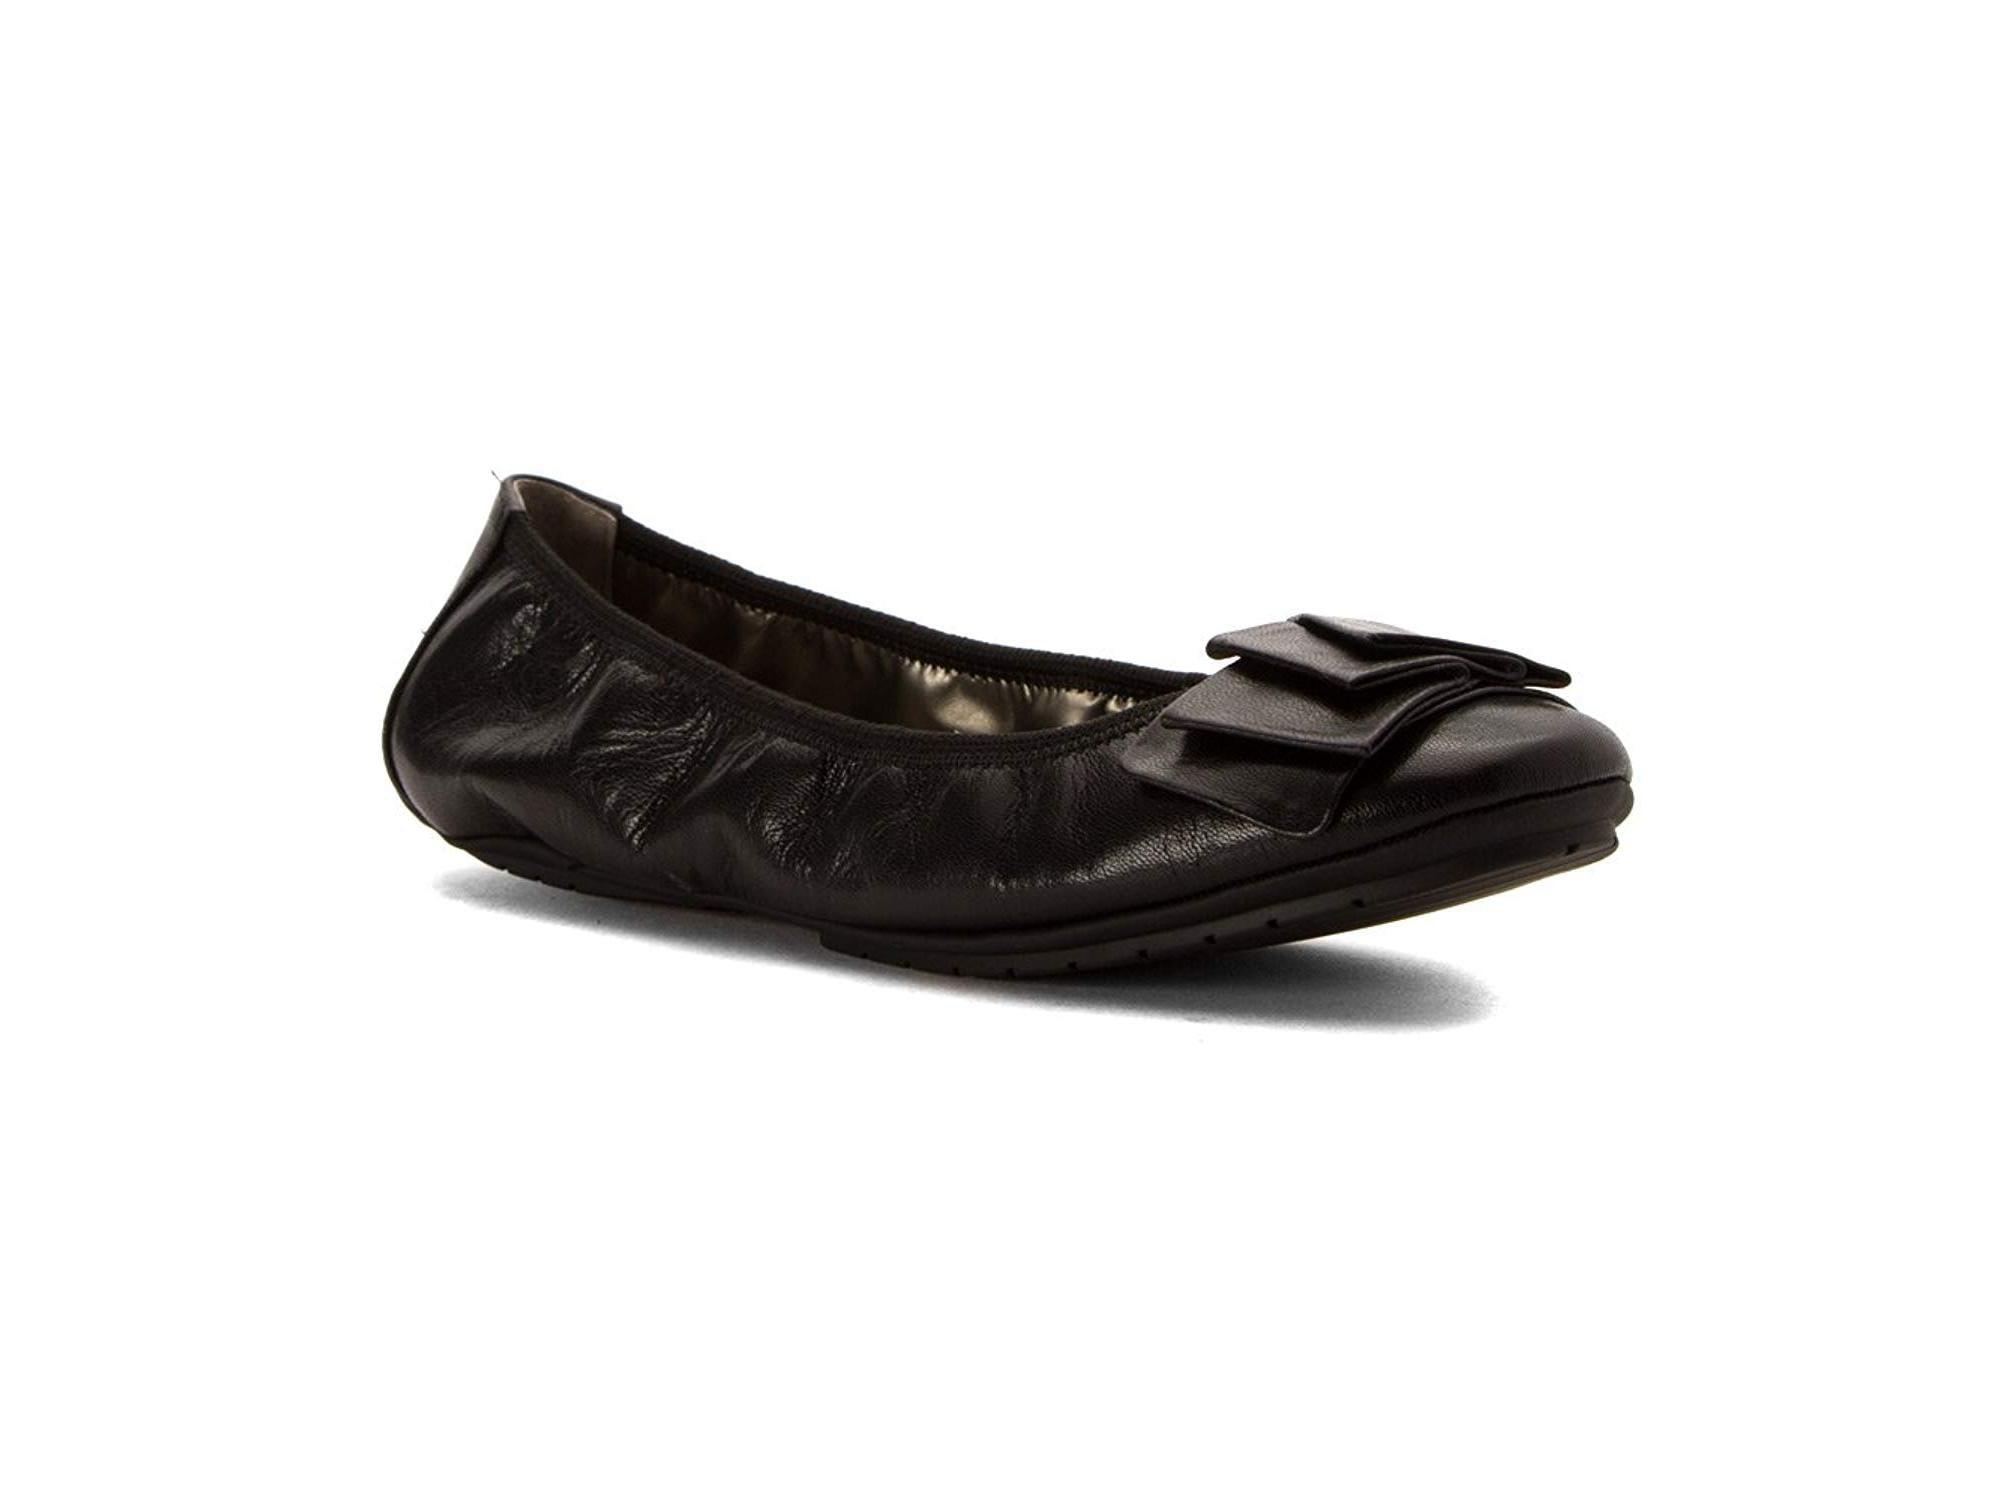 ead4b7e95f Me Too Womens Lilyana Closed Toe Ballet Flats